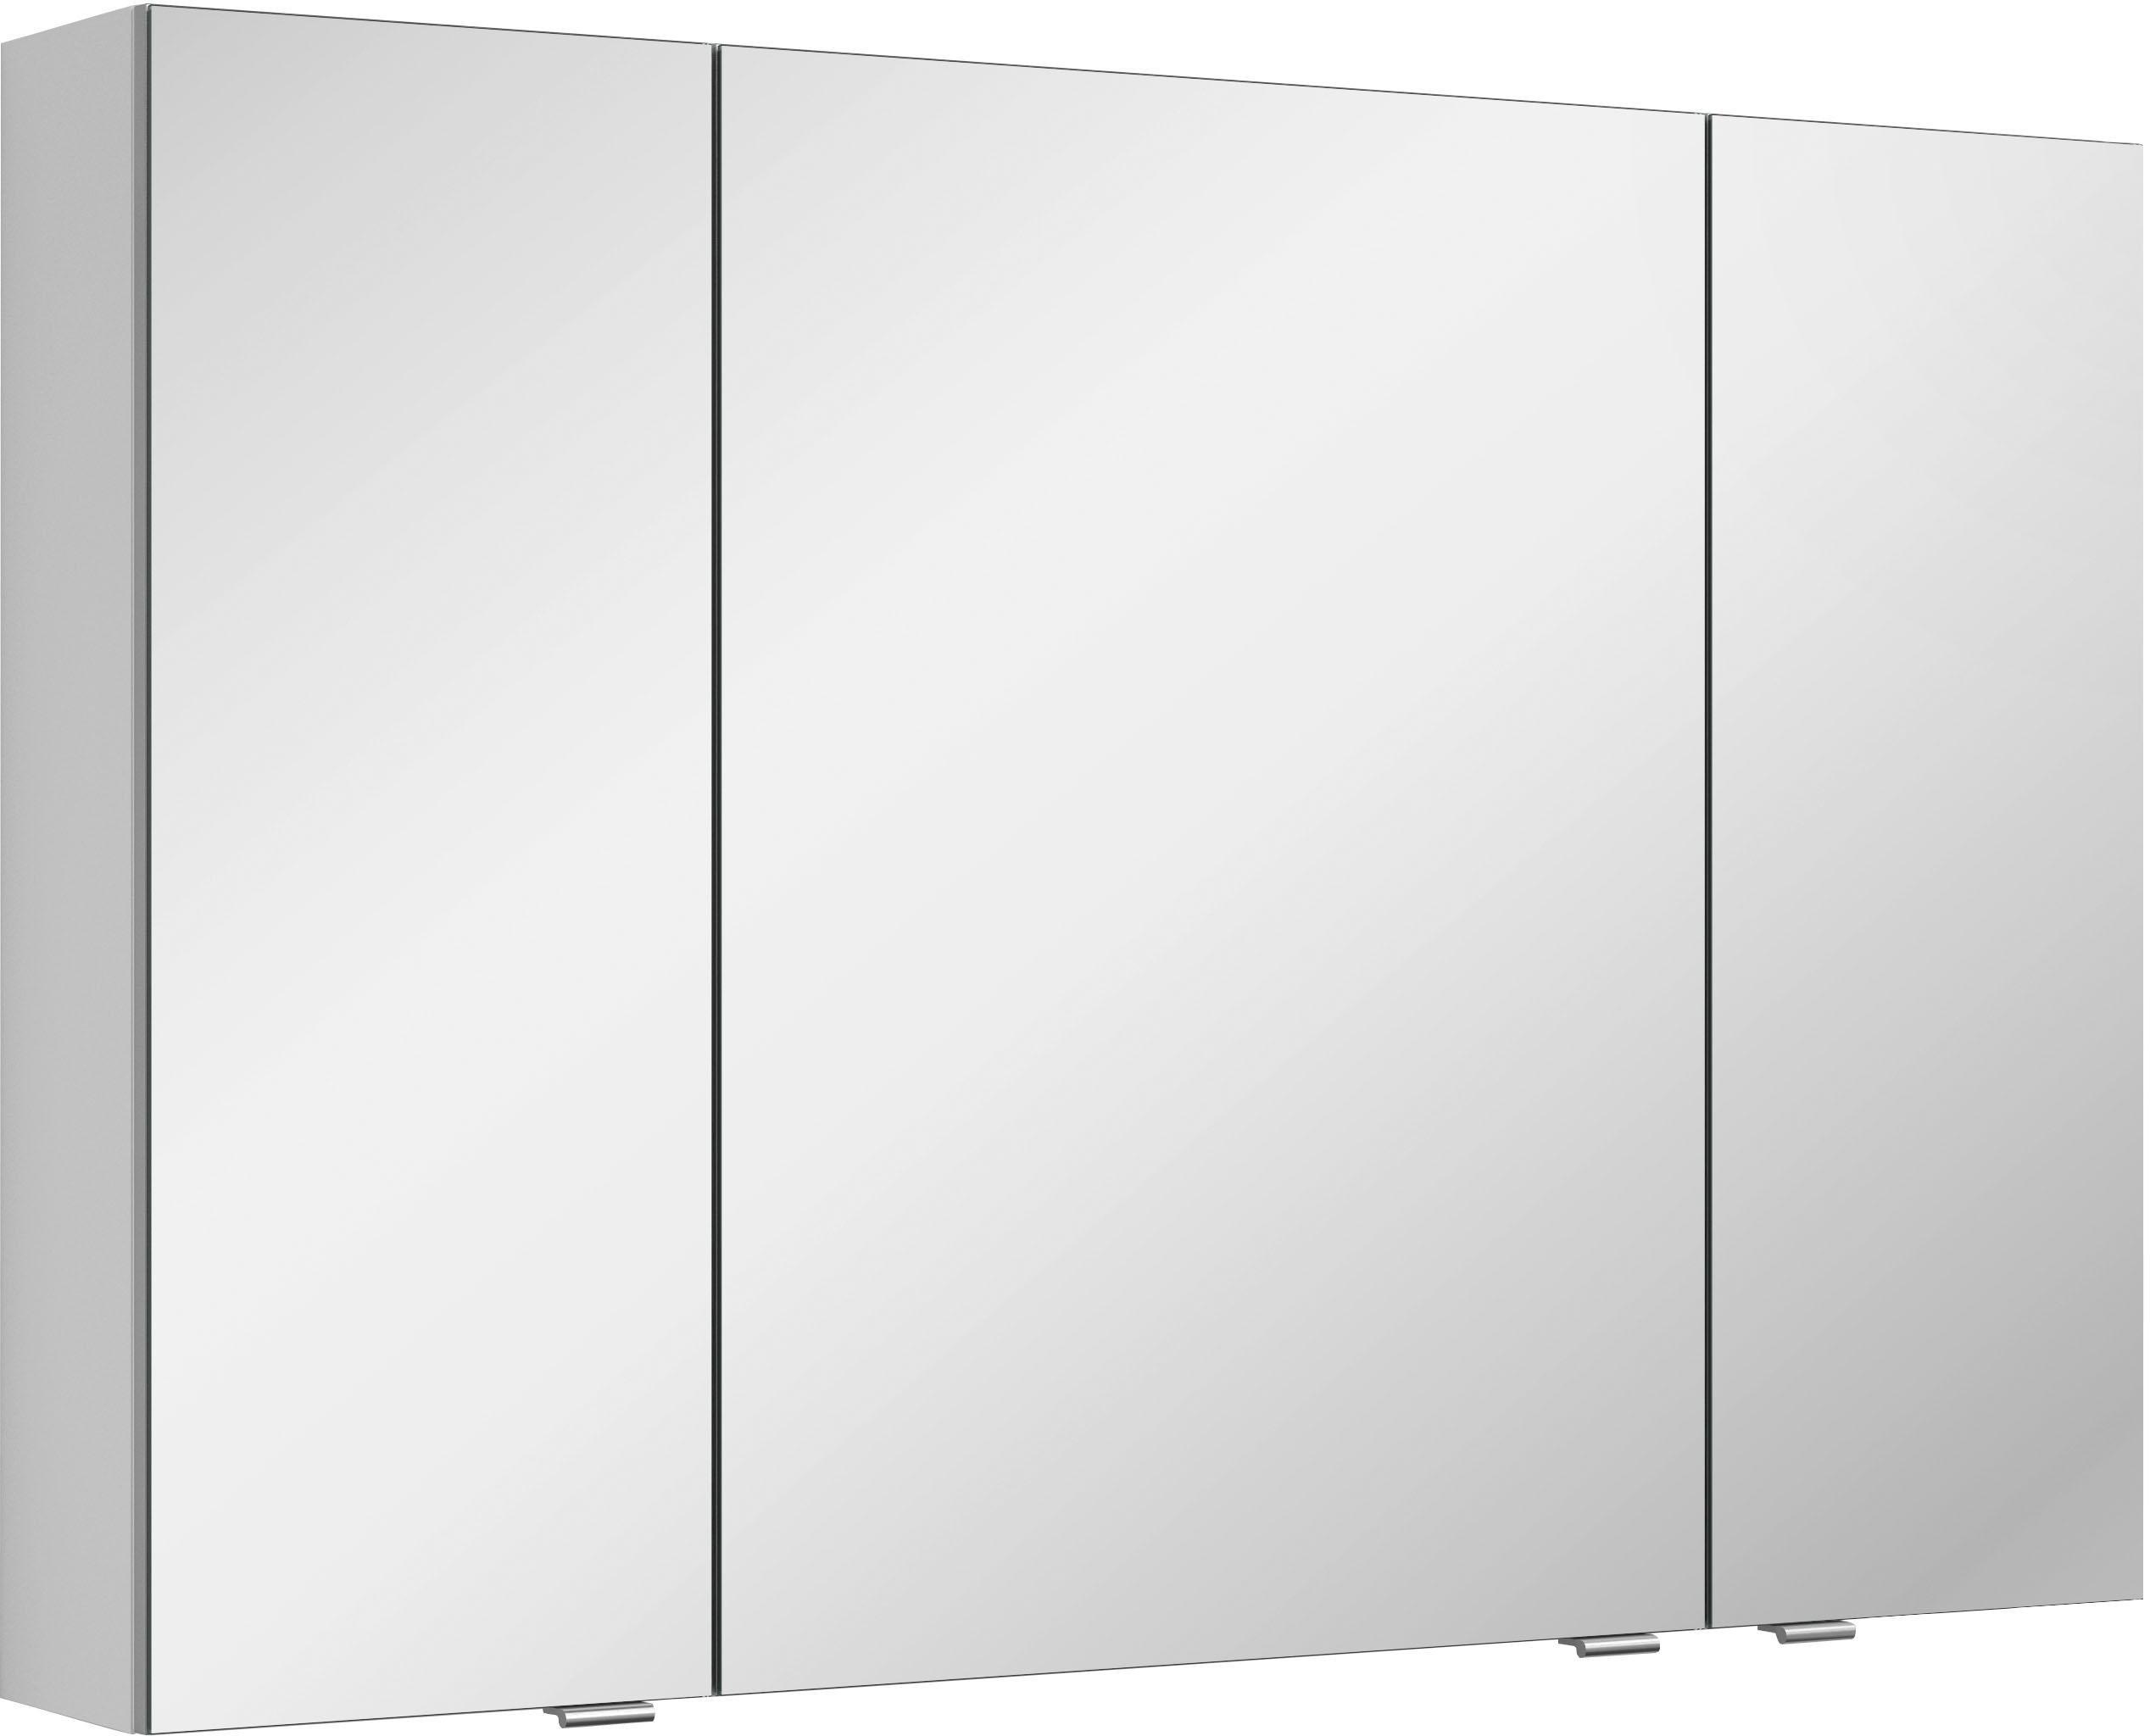 MARLIN spiegelkast 3980 met dubbelzijdig spiegelende deuren, voorgemonteerd nu online bestellen